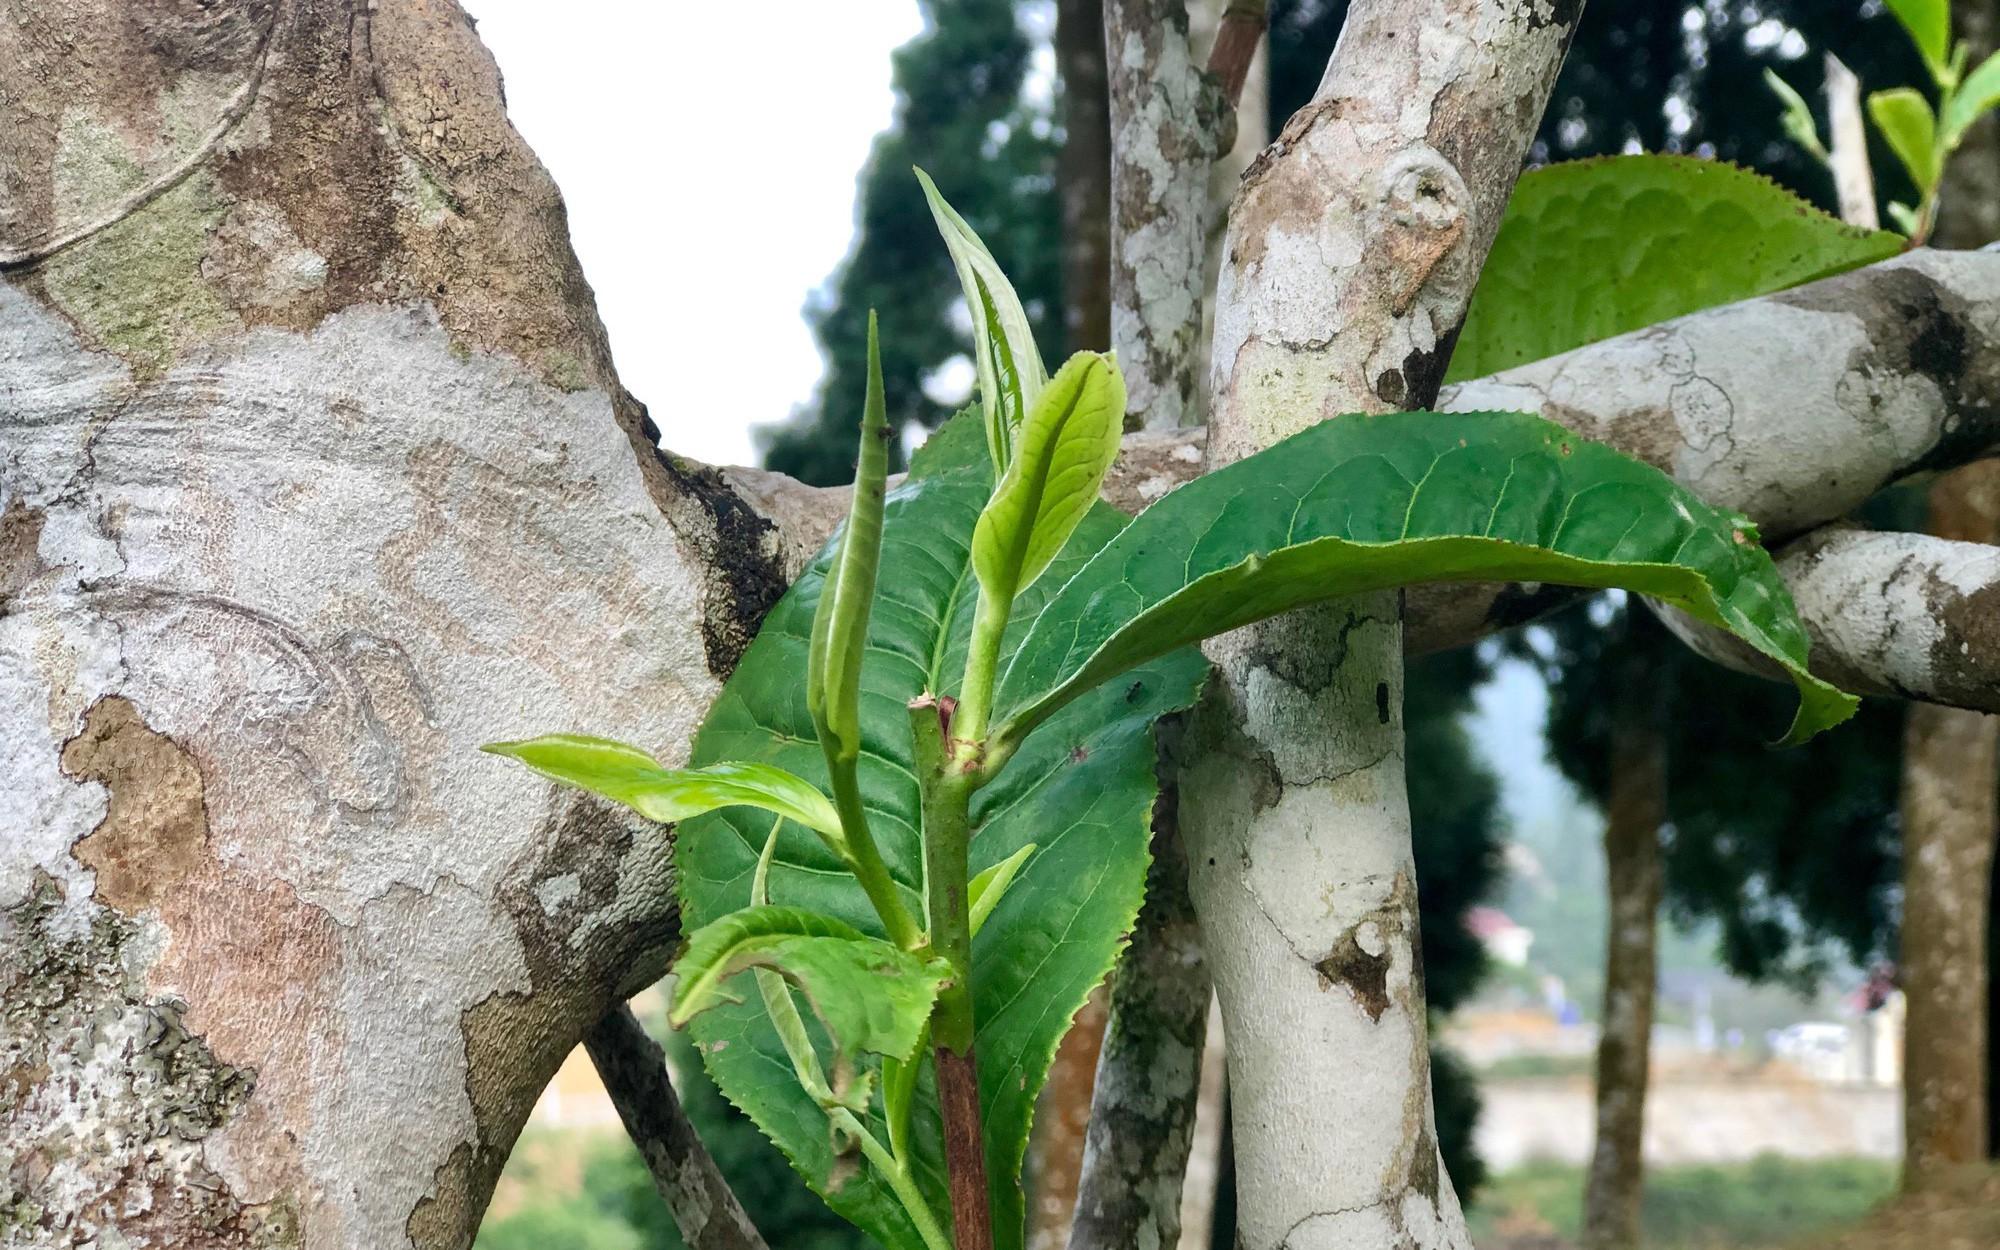 Những cây chè cổ thụ được coi là Thủy Tổ của cây chè trên thế giớ trên 300 năm tuổi nơi đây sống ngang nhiên trên những vách núi hiểm trở